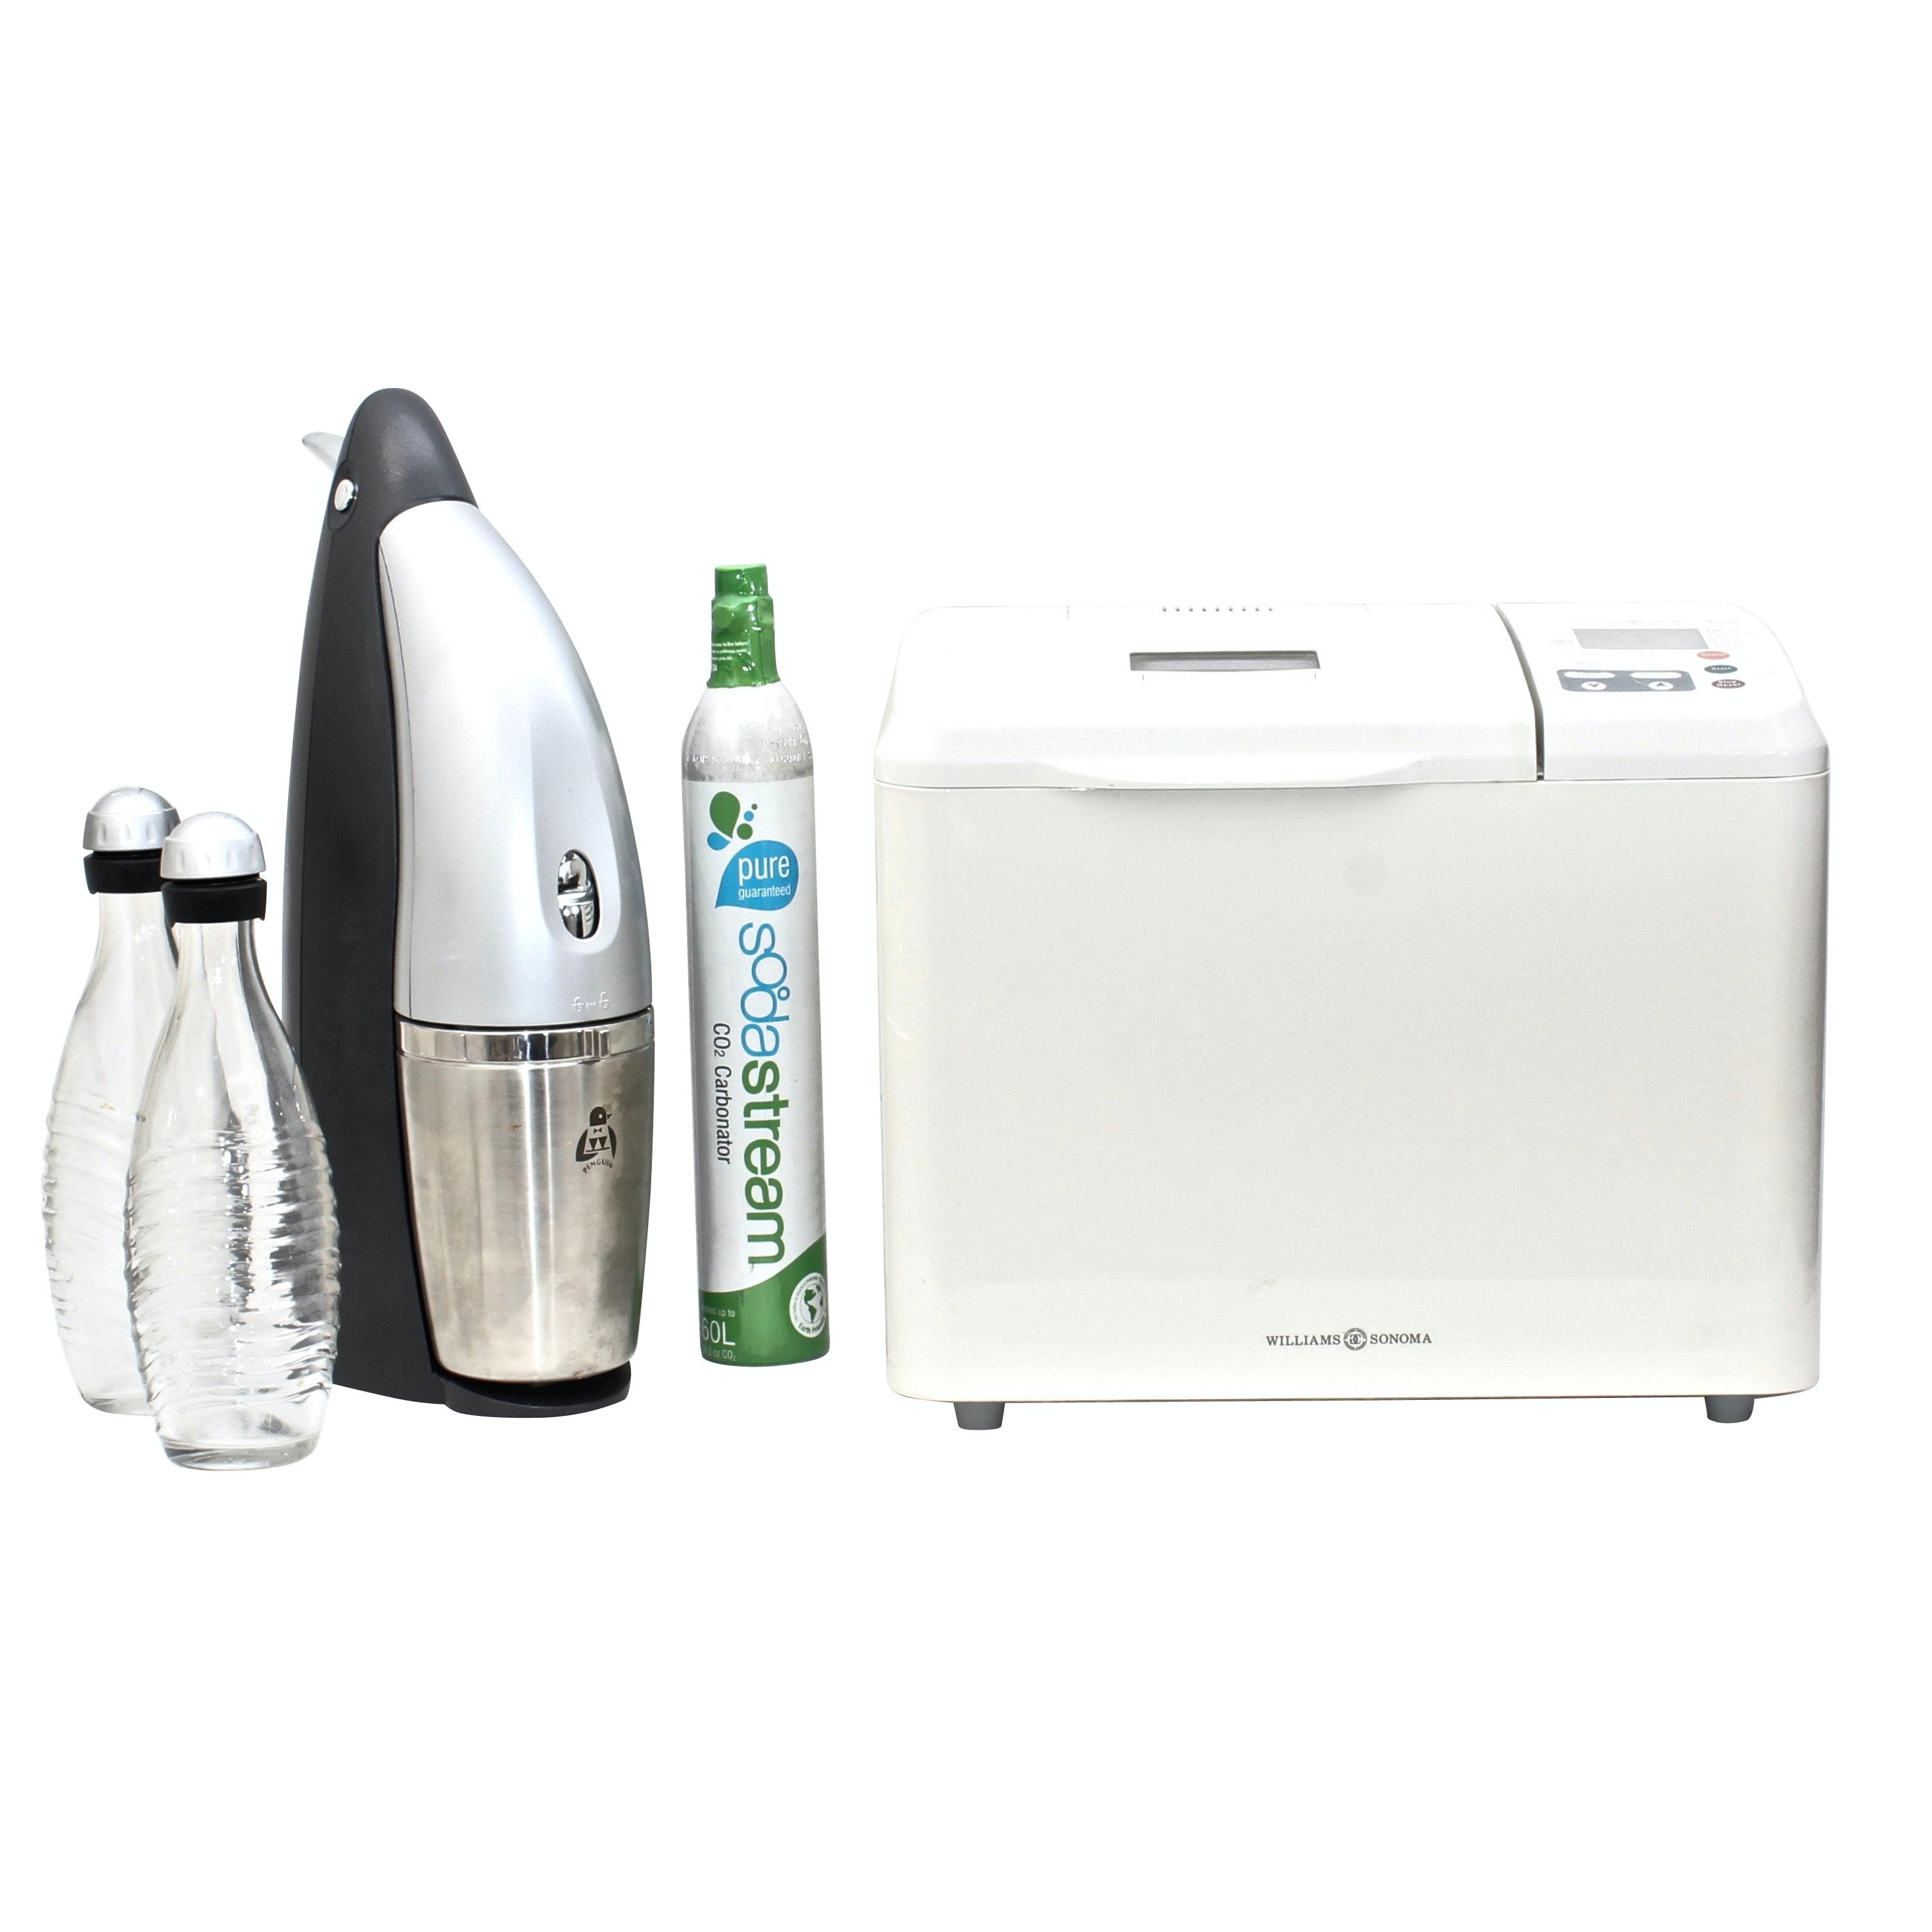 Williams Sonoma Breadmaker and Penguin Soda Stream Machine